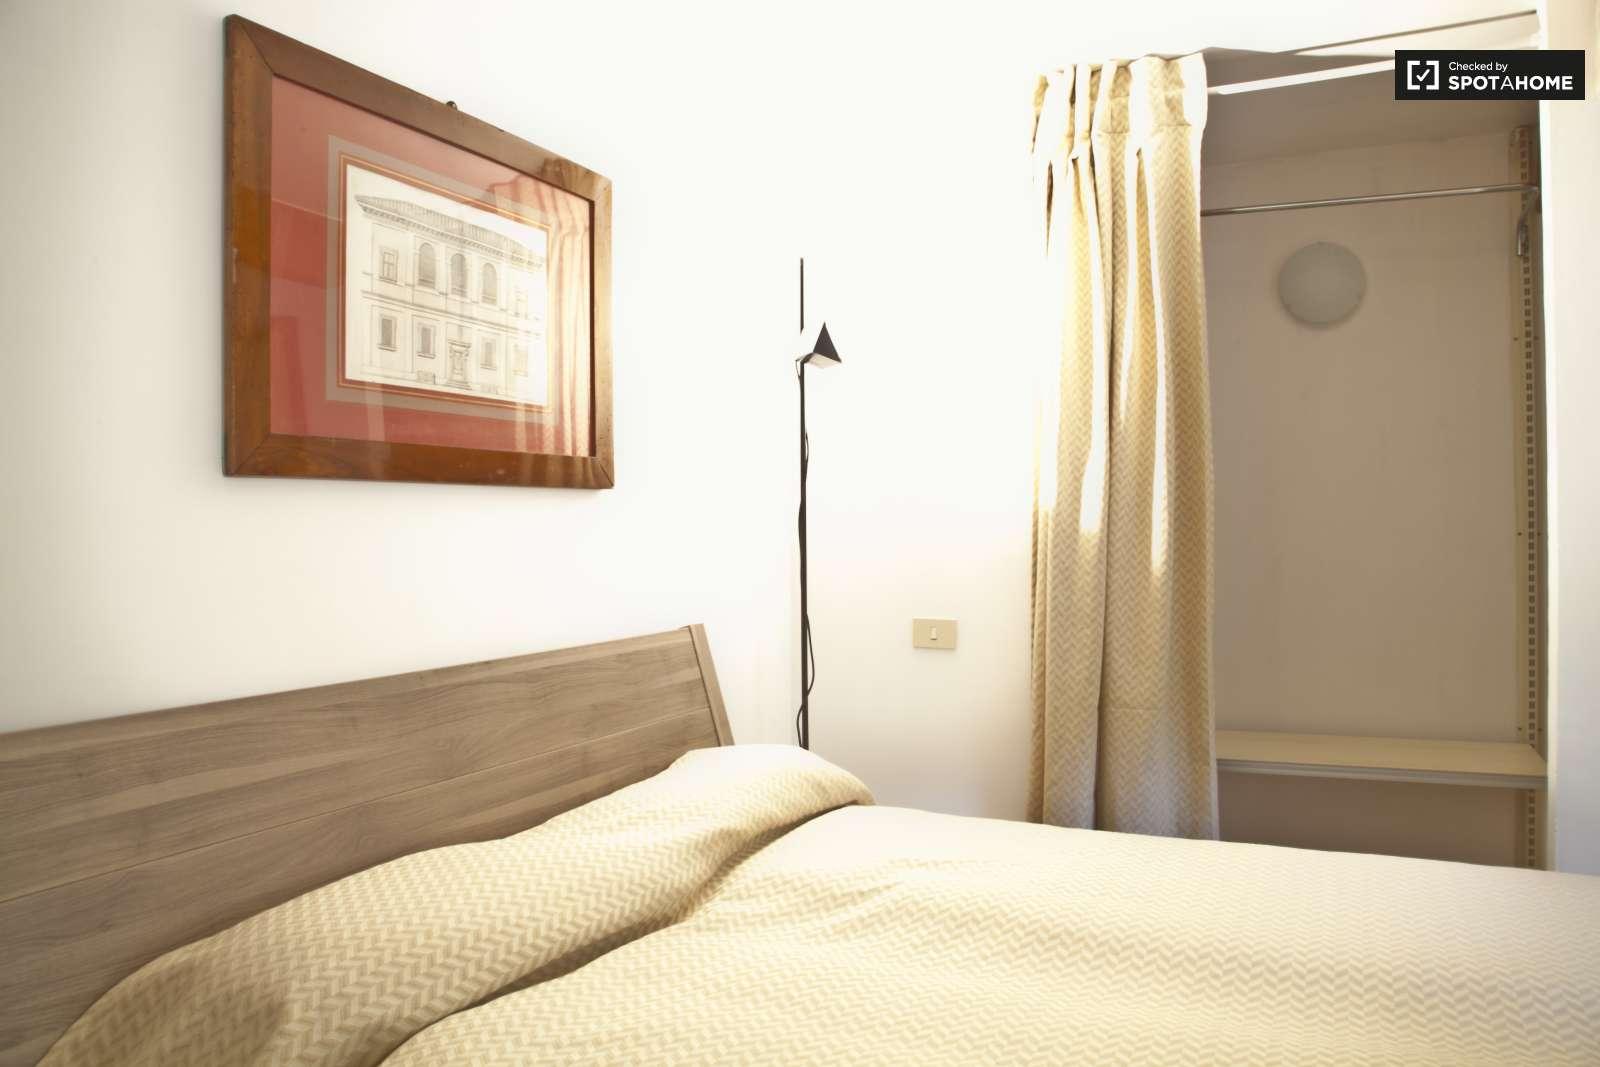 Stanza in affitto in un appartamento con 2 camere da letto for Appartamento con 2 camere da letto